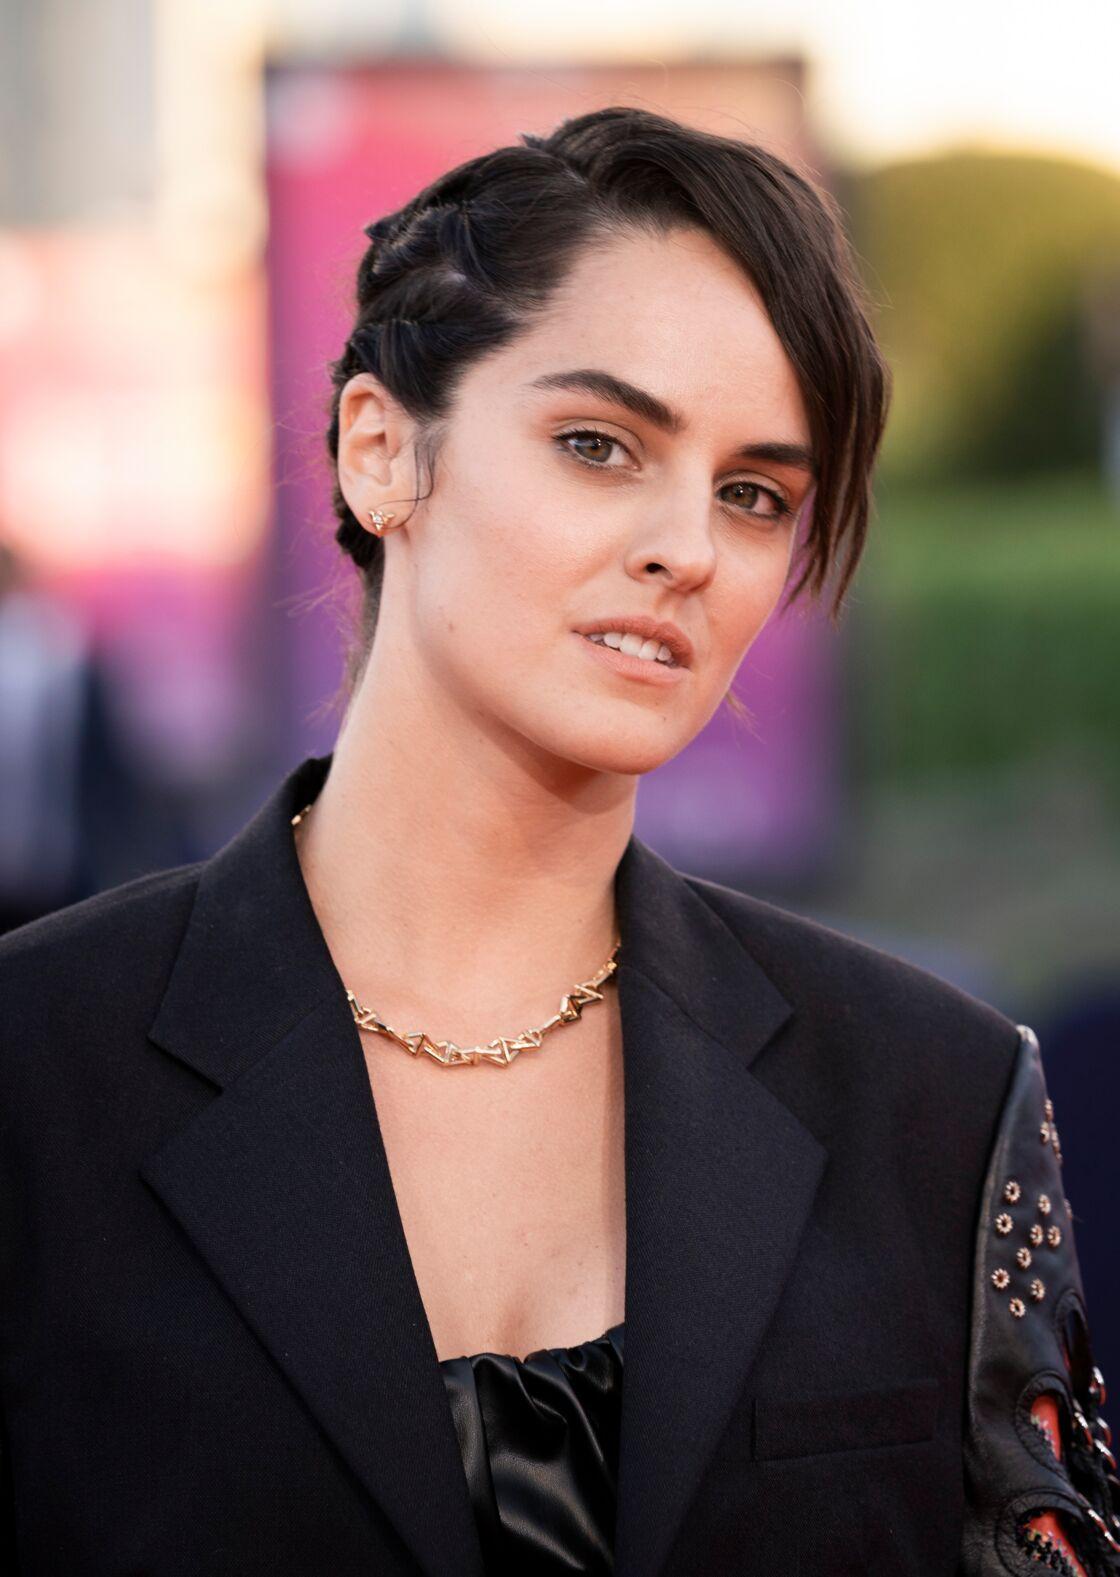 Noémie Merlant porte qu'un collier, boucles d'oreilles et bagues en or et diamants de la collection LV Volt Joaillerie Louis Vuitton à la première de